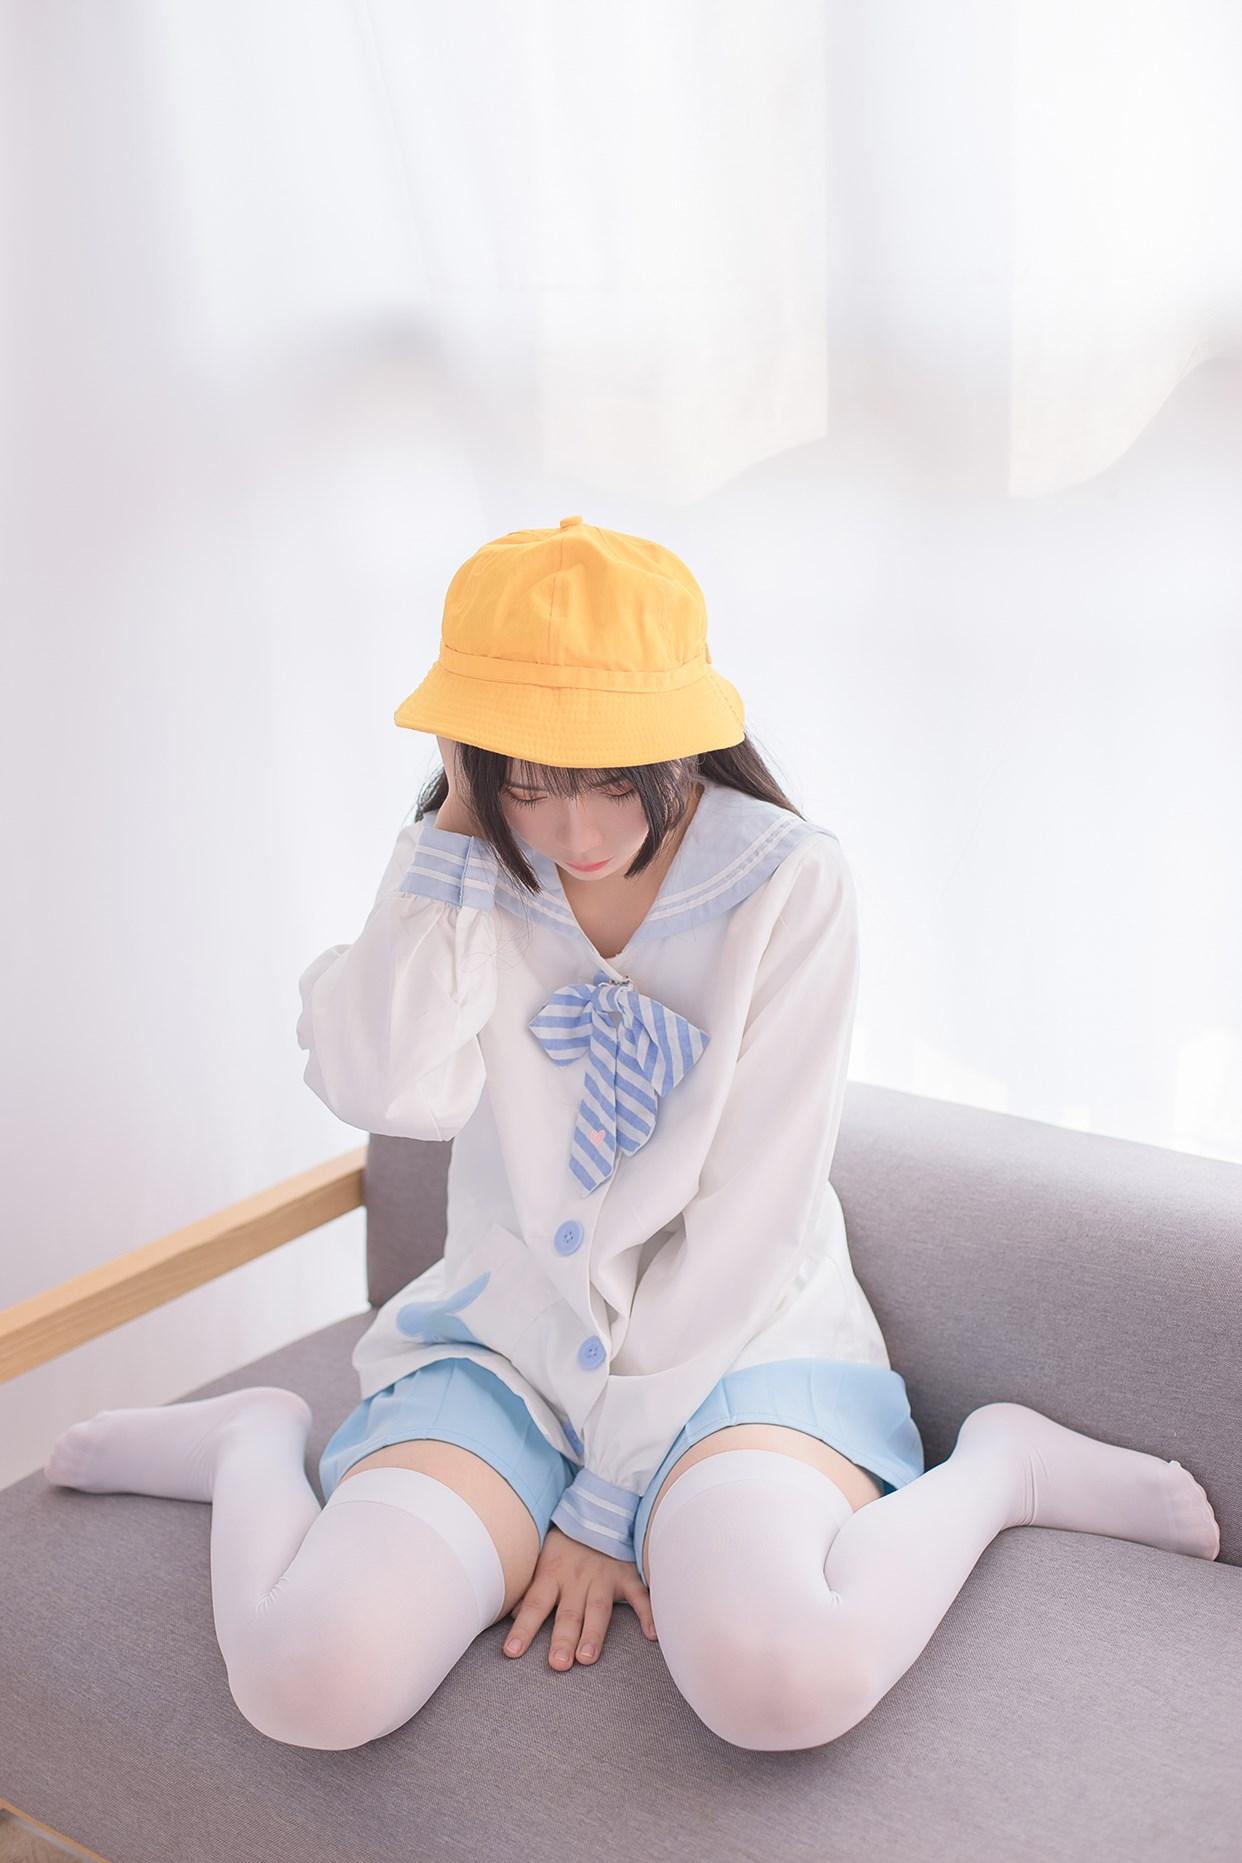 【兔玩映画】小黄帽和白丝 兔玩映画 第25张